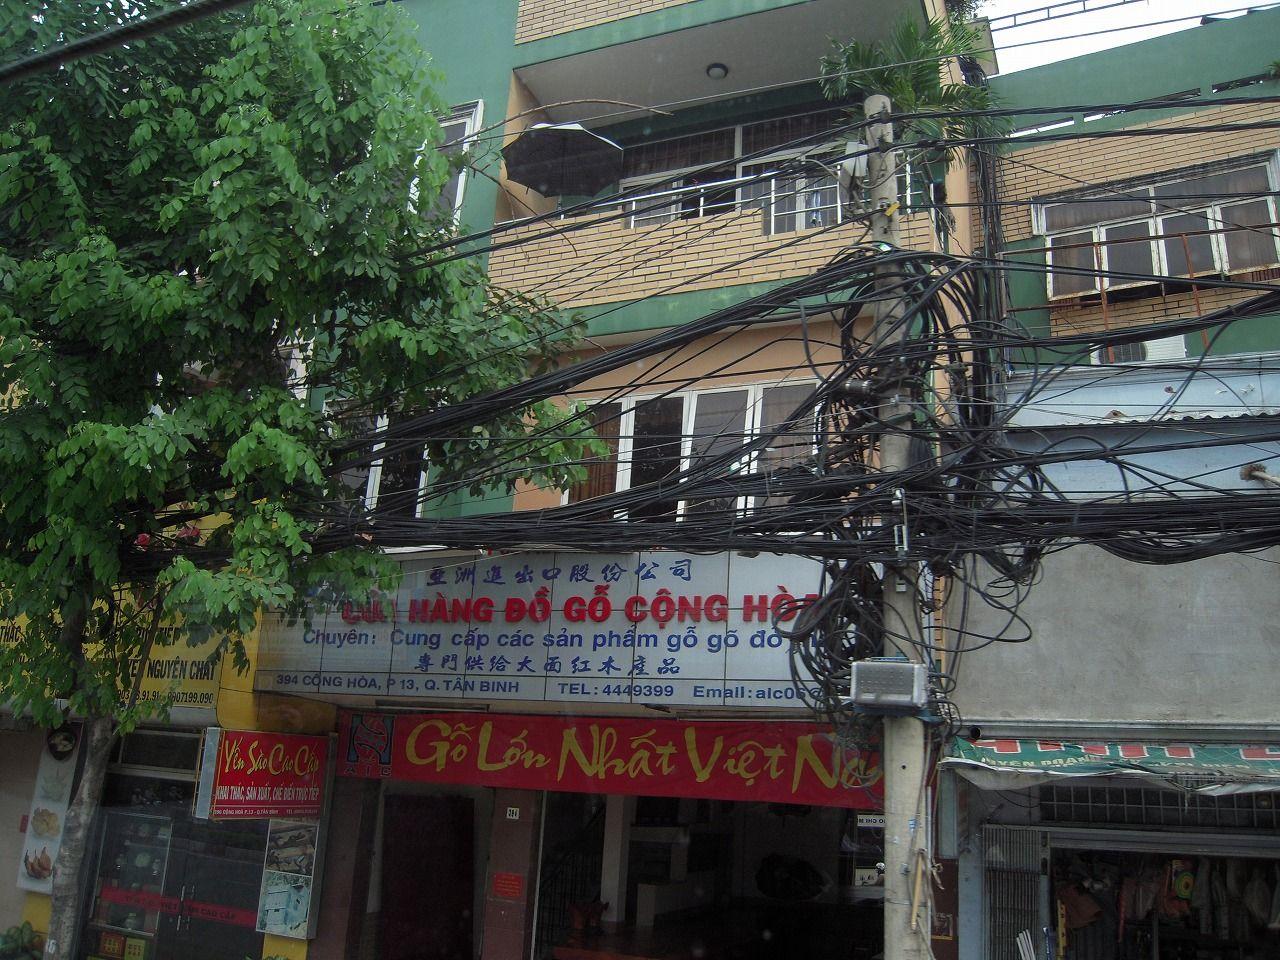 9 Saigon 1